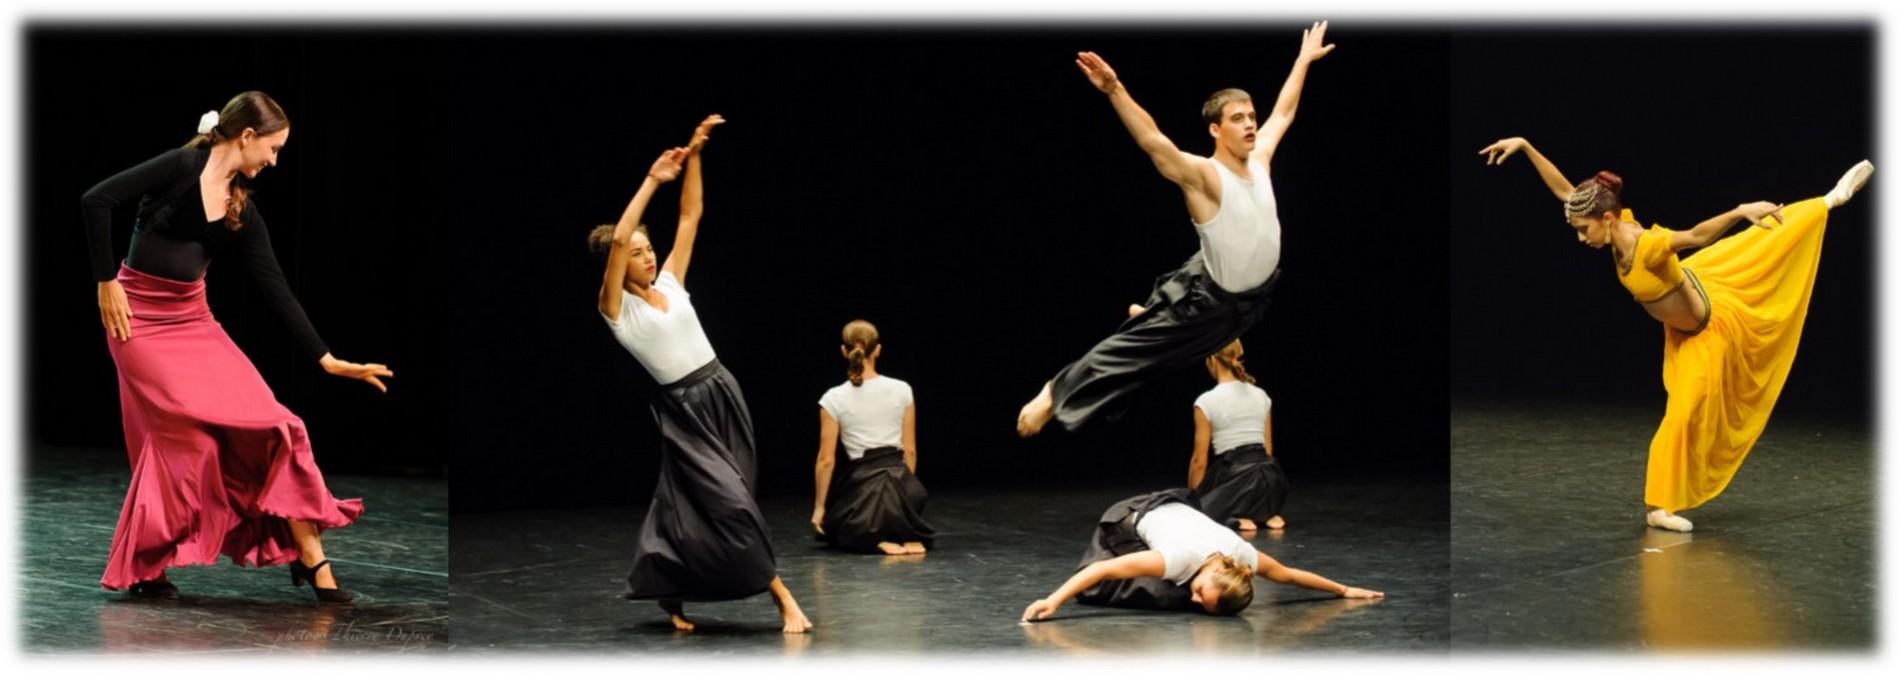 sport_ballet